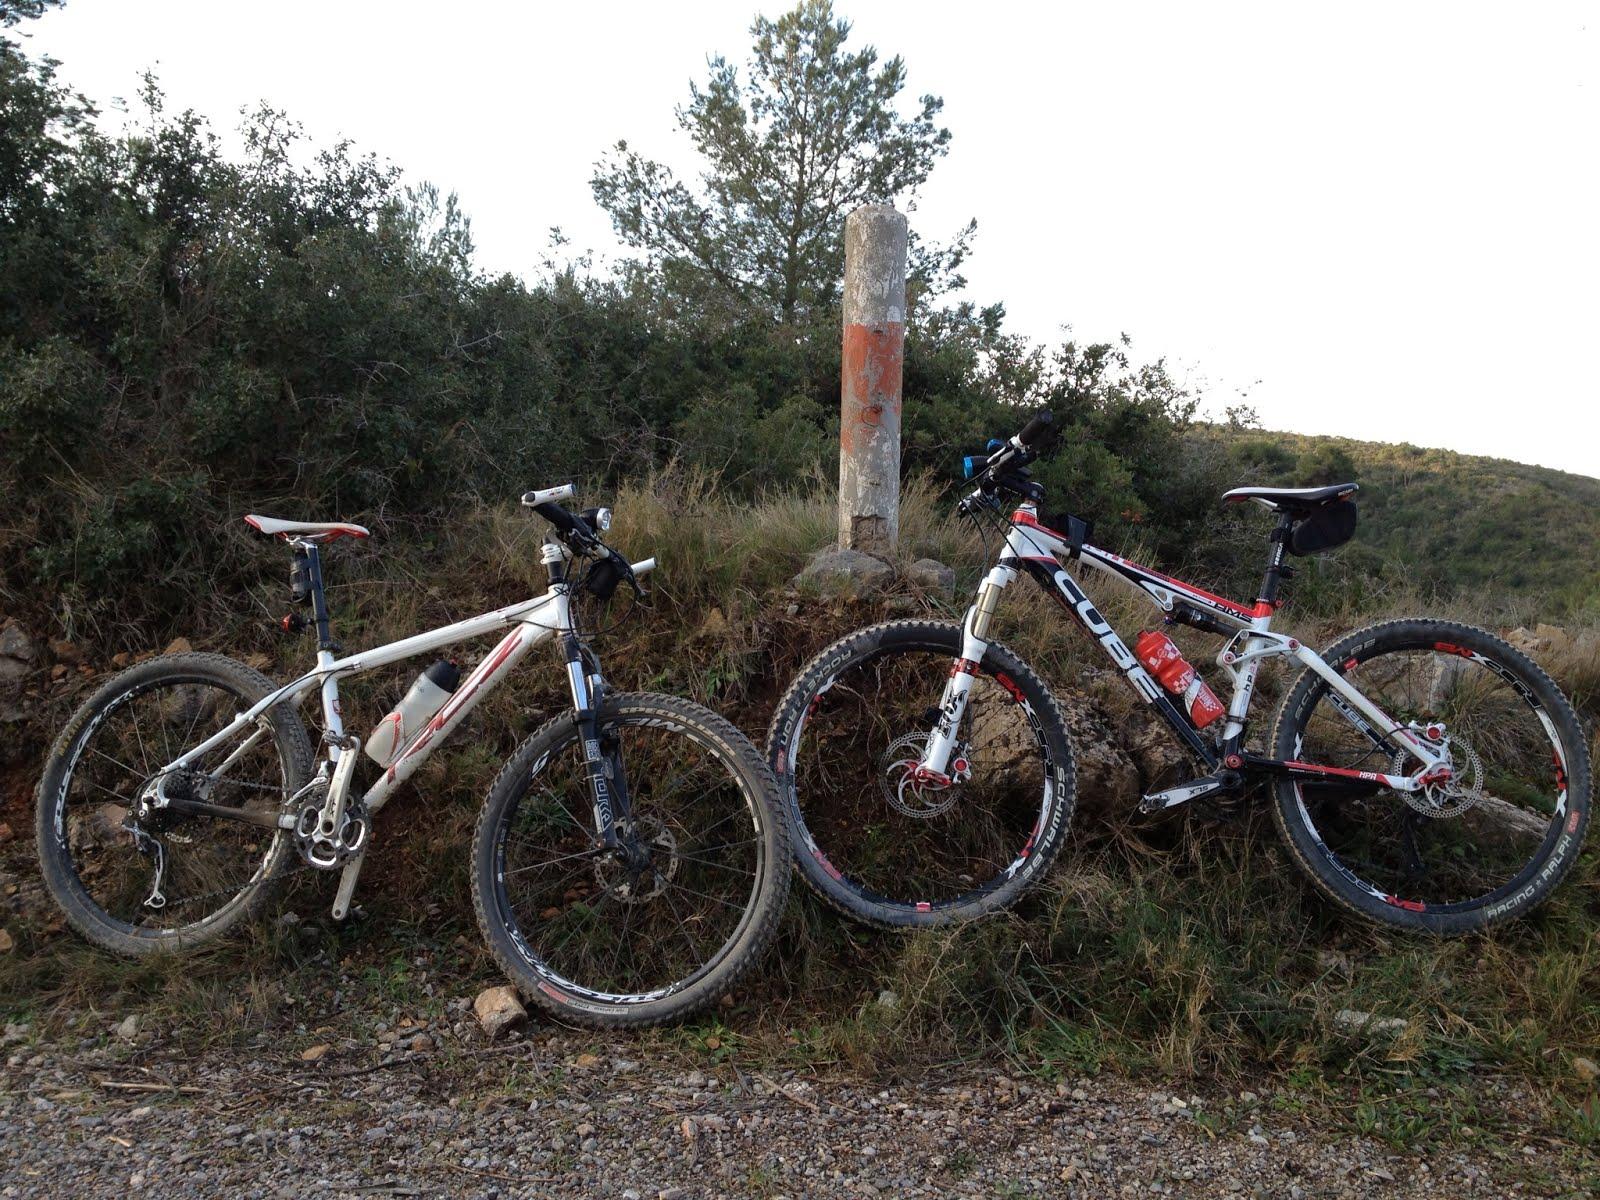 Bike friends salida tempranera sant ram n begues parc natural del garraf sant boi - Temperatura en begues ...